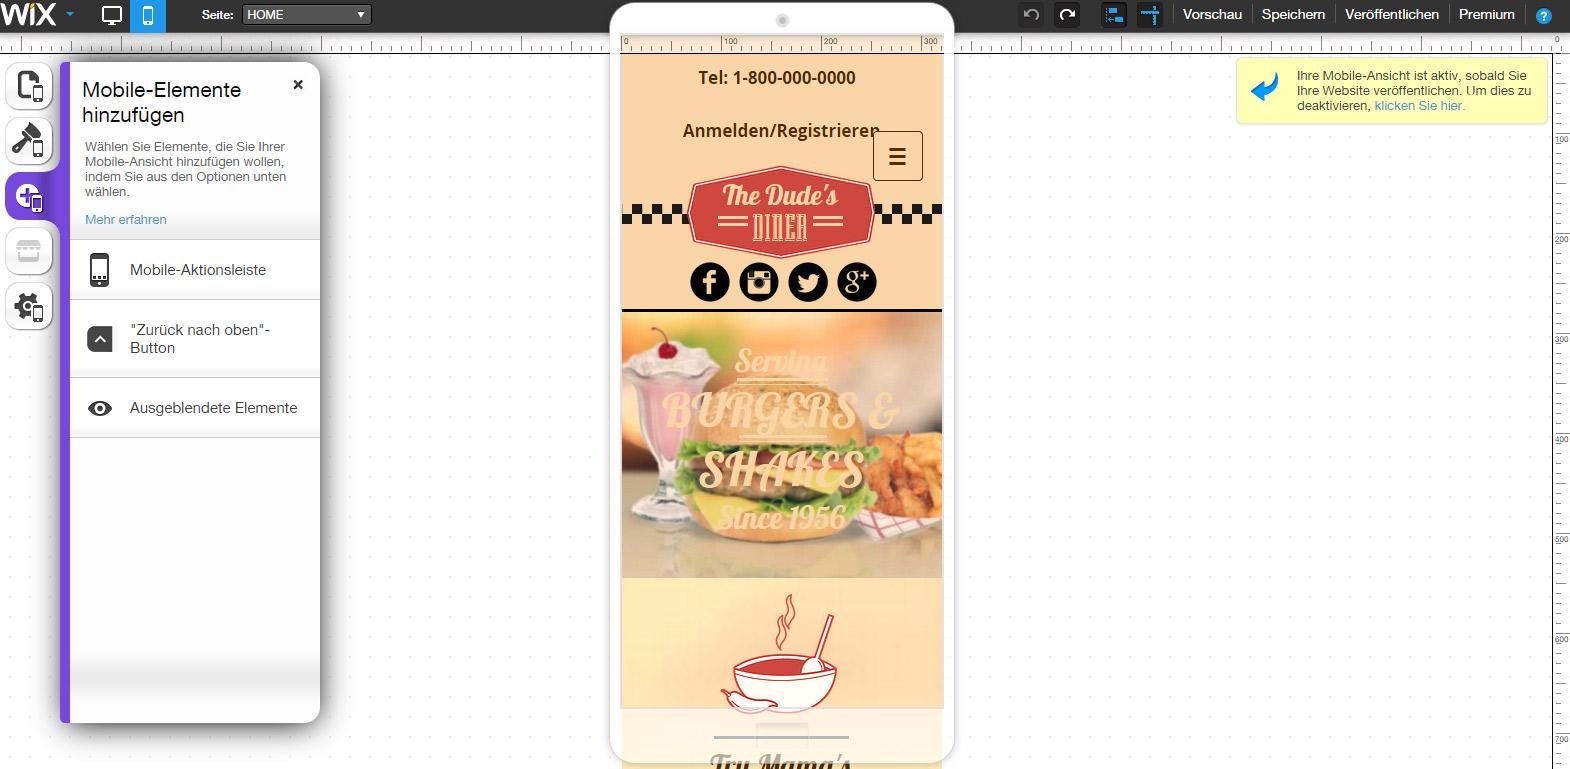 Wix Mobile Seite